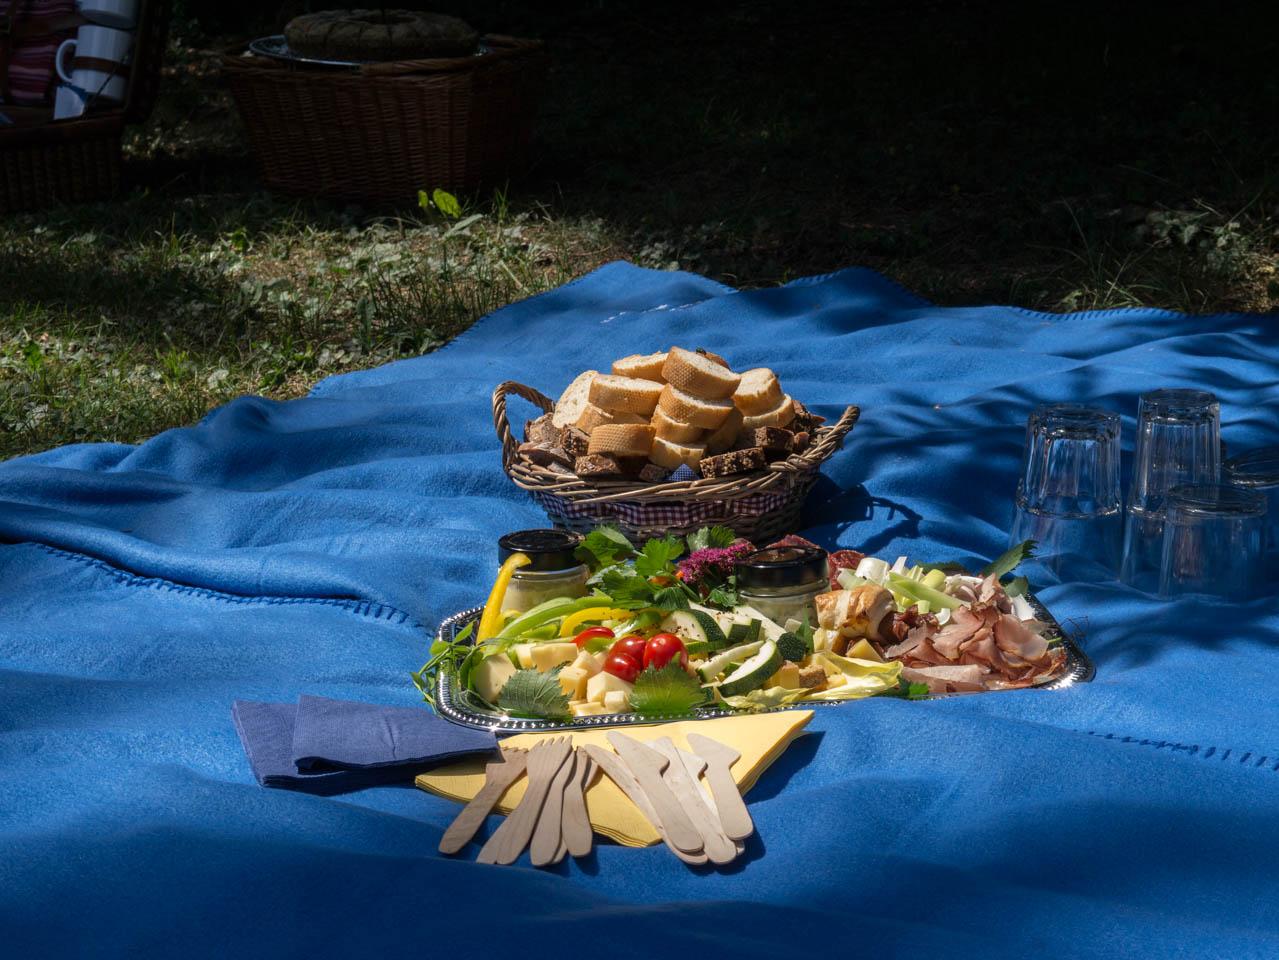 Picknick (1 von 1)